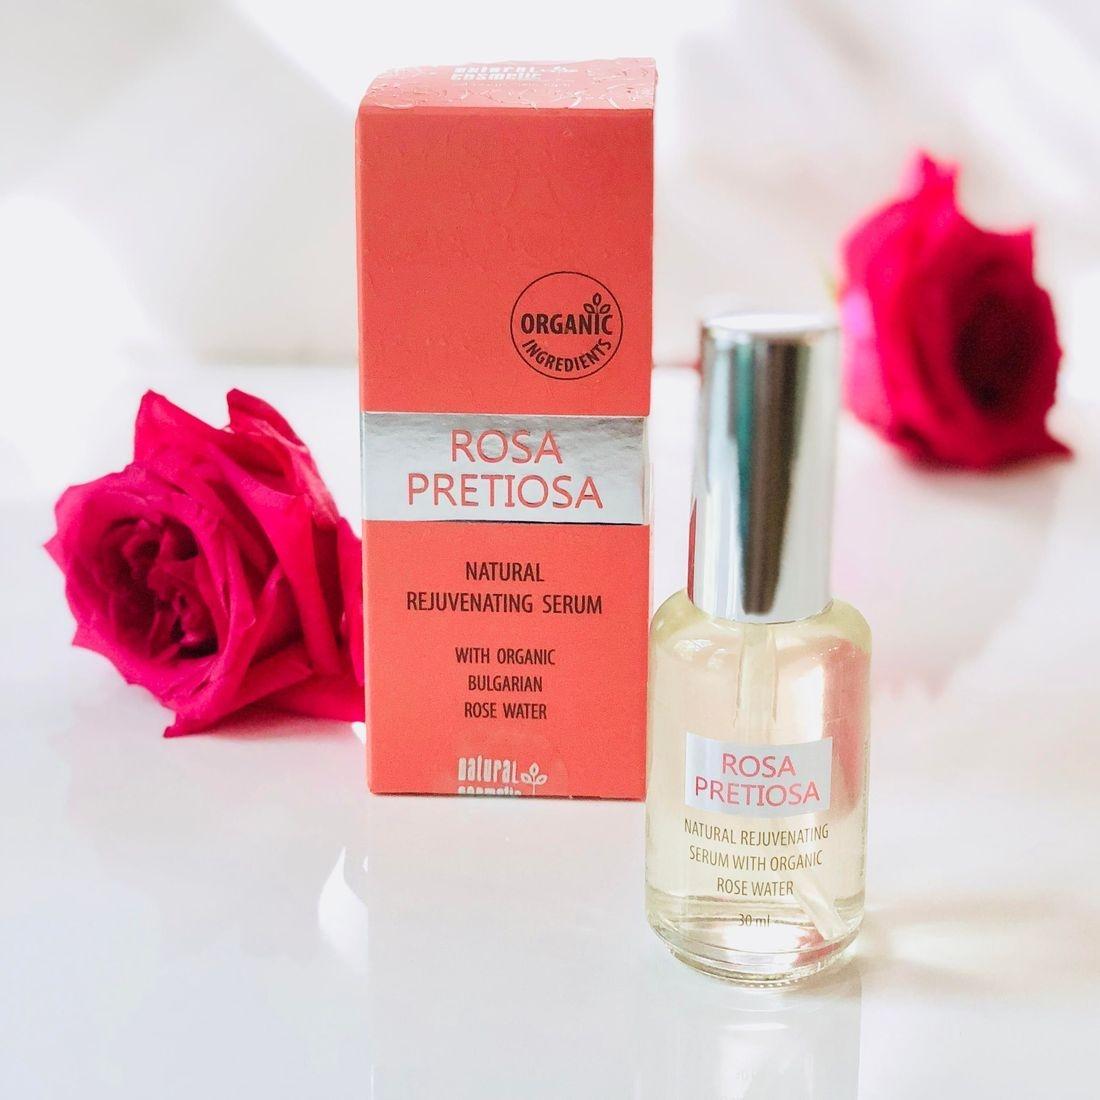 rosa pretiosa natural rejuvenating serum, rose serum, face serum, clean face serum, rose water serum, rosepostbox